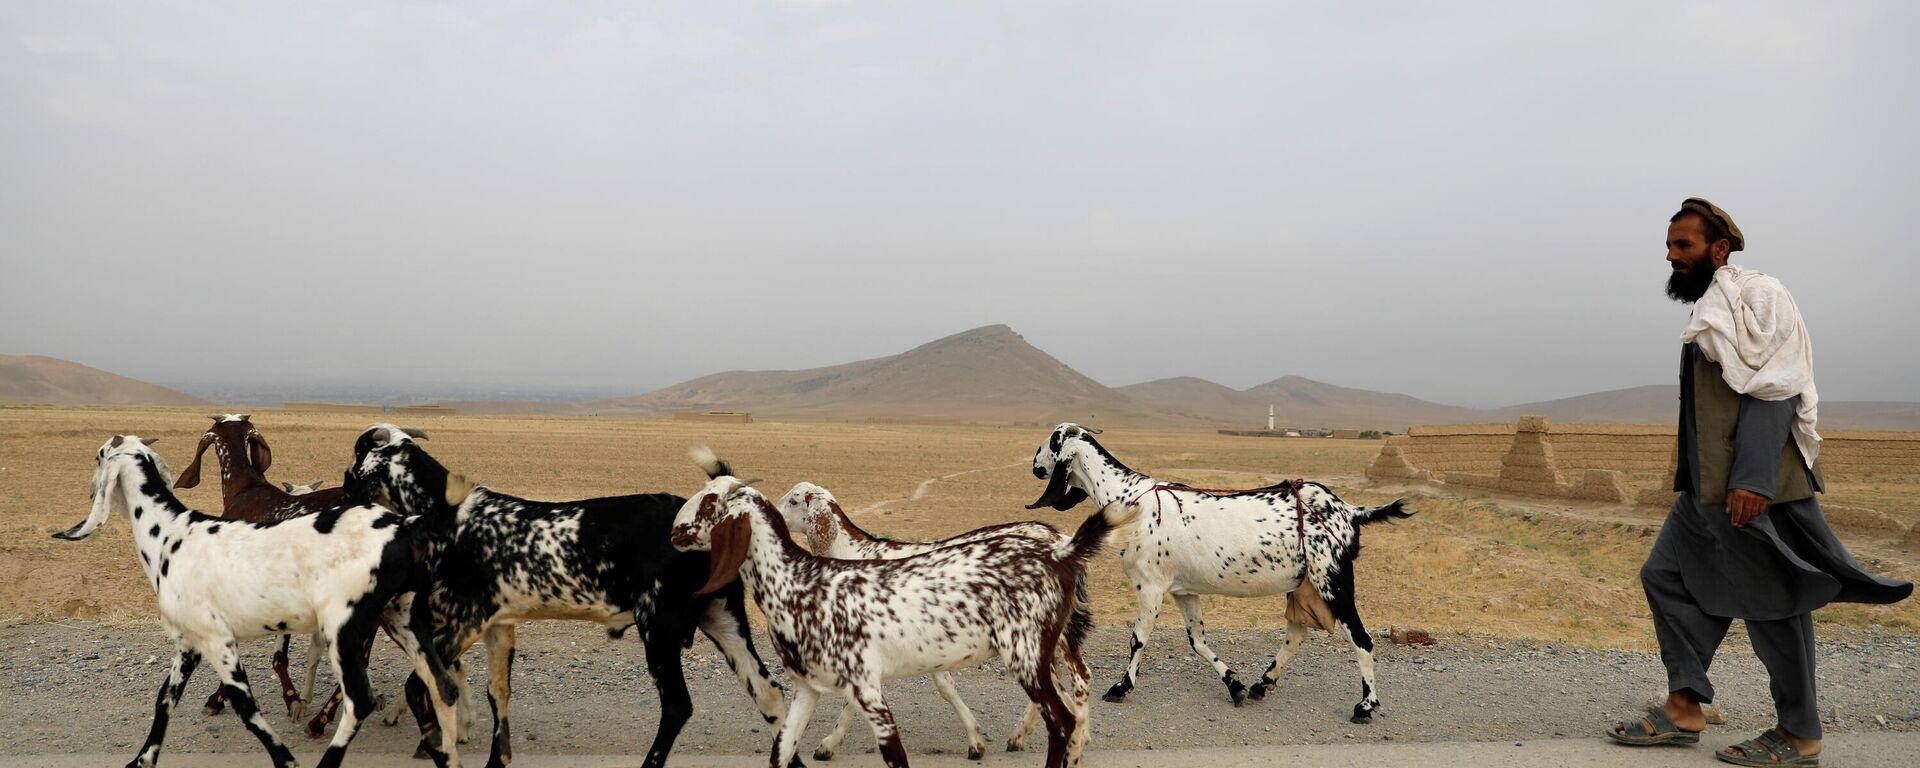 Un hombre afgano con unas cabras - Sputnik Mundo, 1920, 13.07.2021